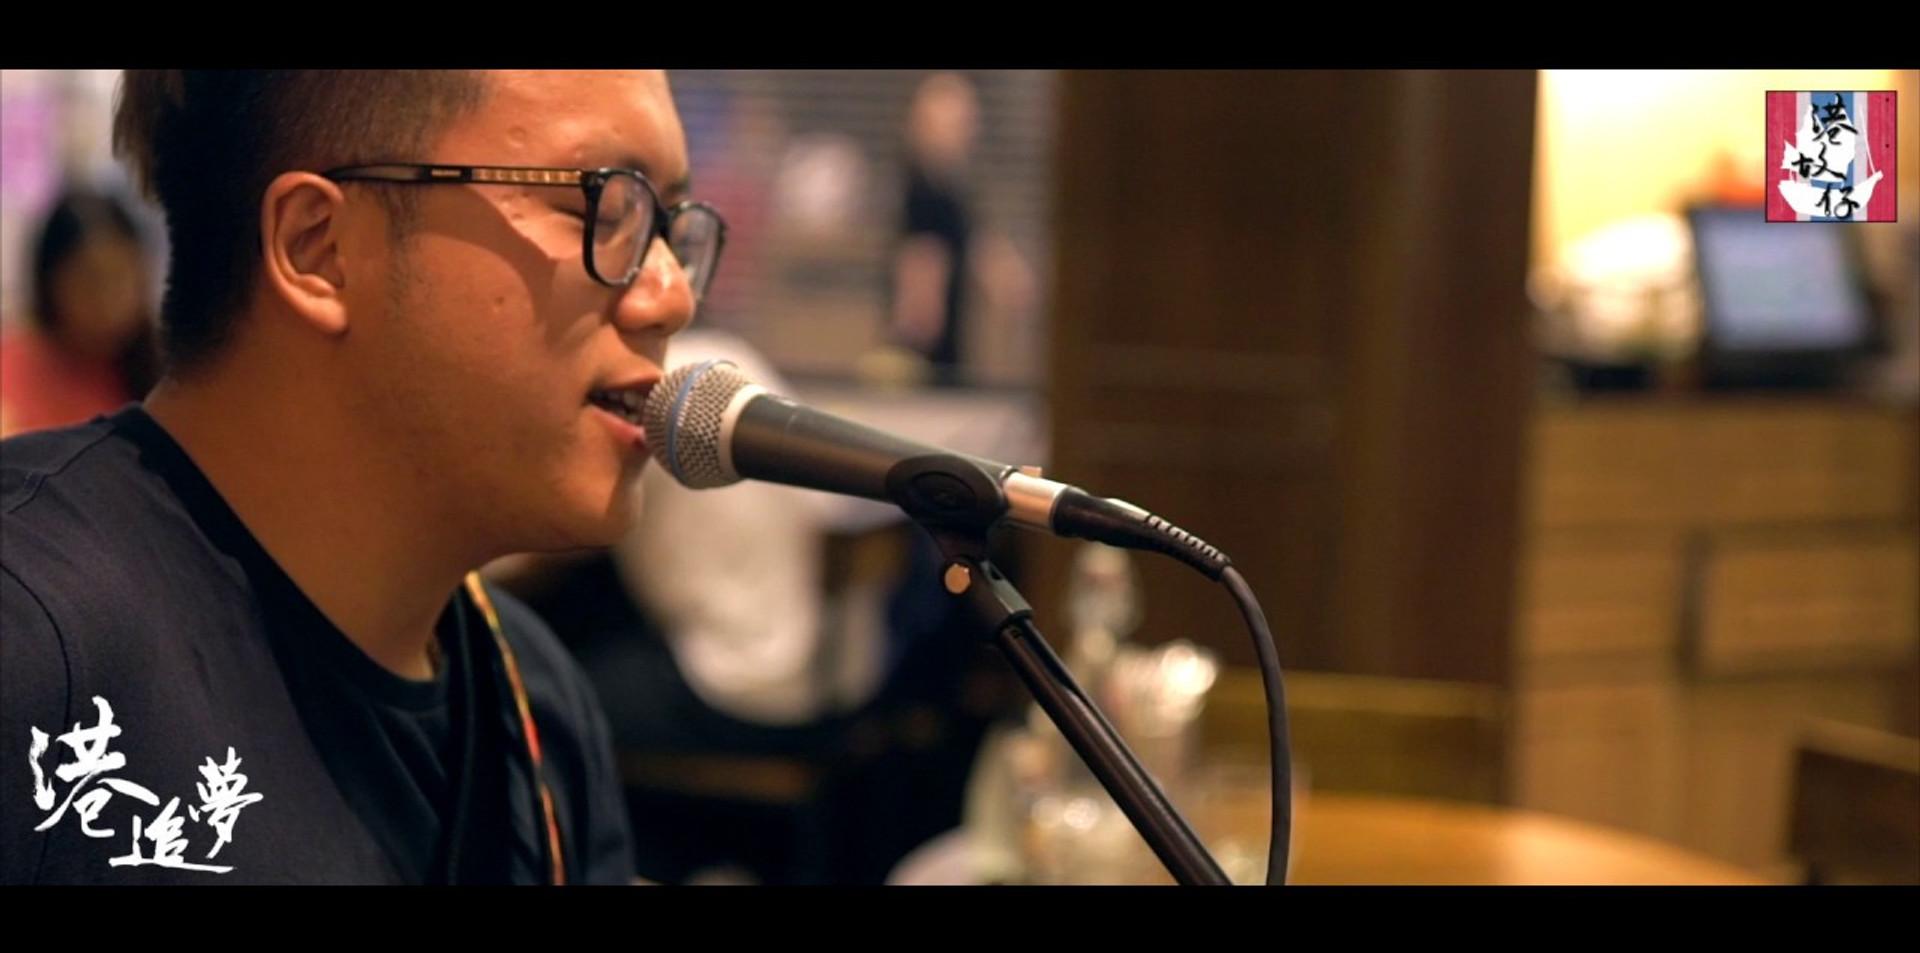 港追夢 #07 Coman:唱歌是一個必需品